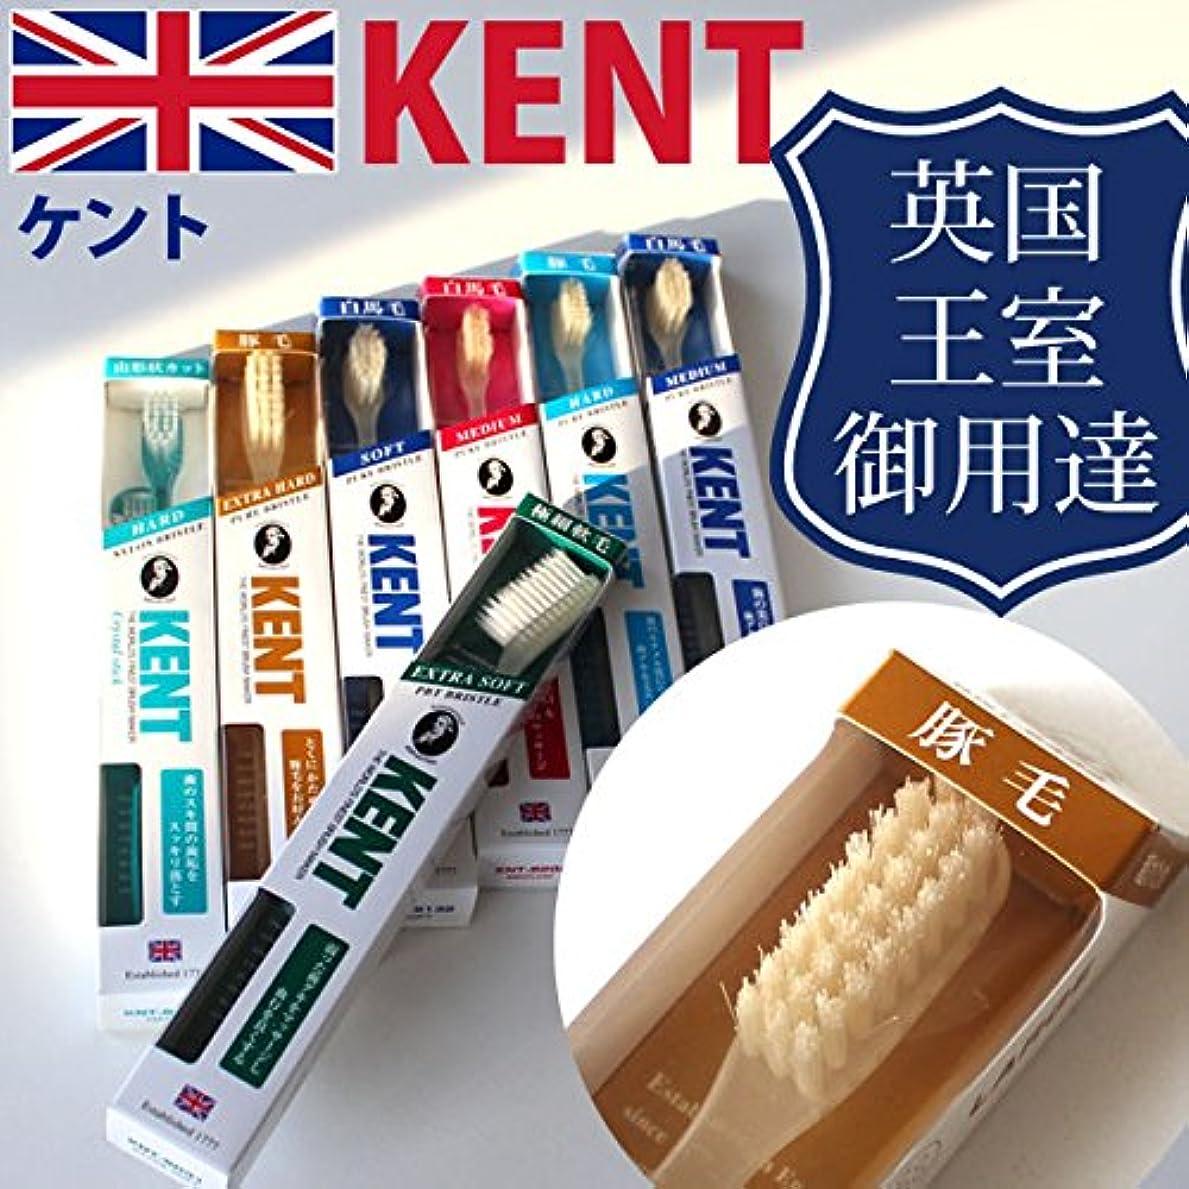 トレード欺くケント KENT 豚毛 コンパクト 歯ブラシKNT-9233/9833 6本入り 他の天然毛の歯ブラシに比べて細かく磨 ふつう